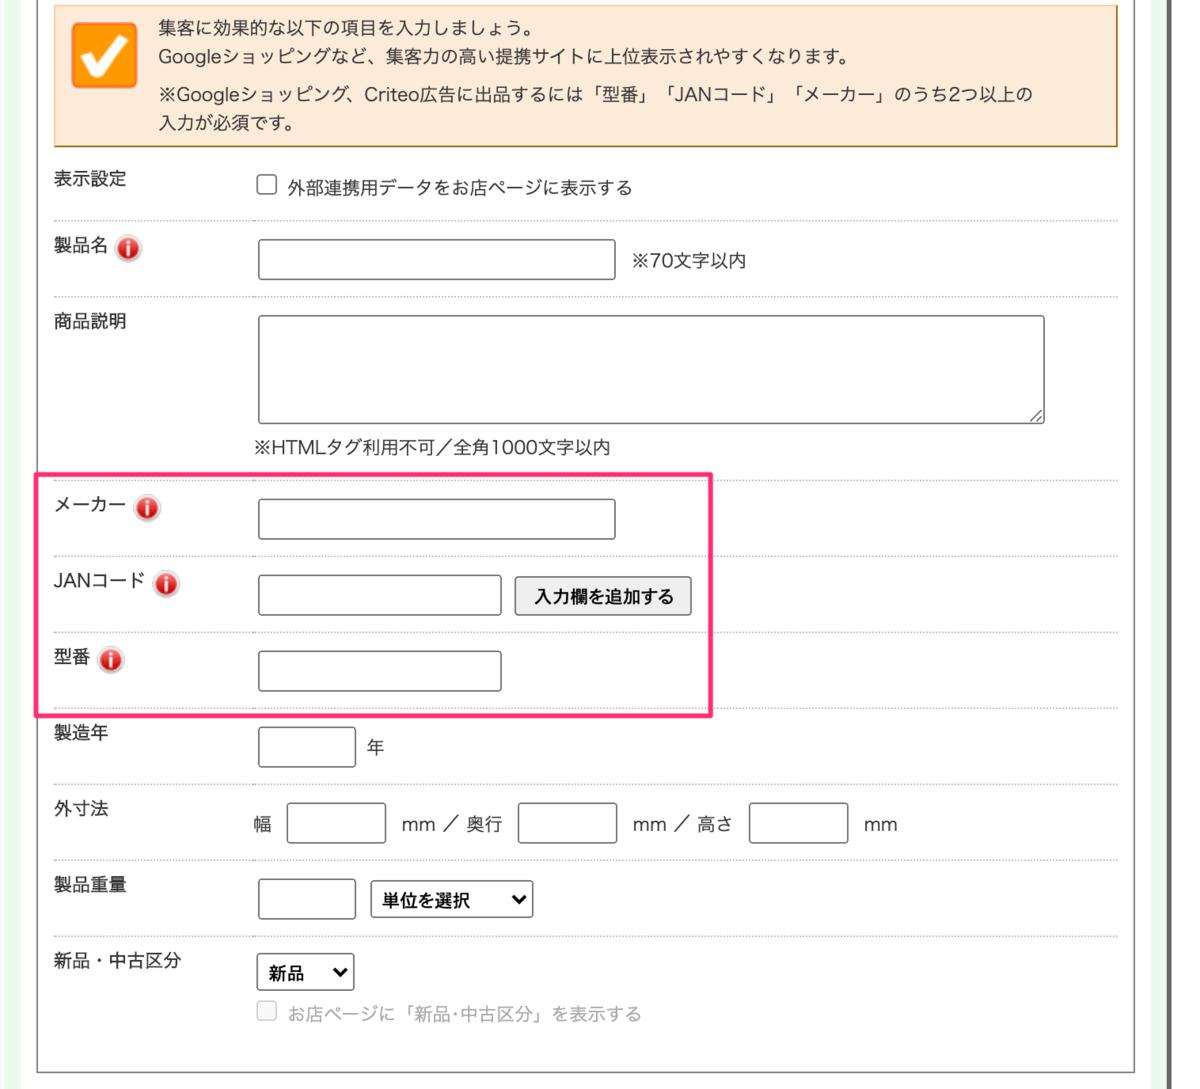 f:id:ecbooster:20201028123321p:plain